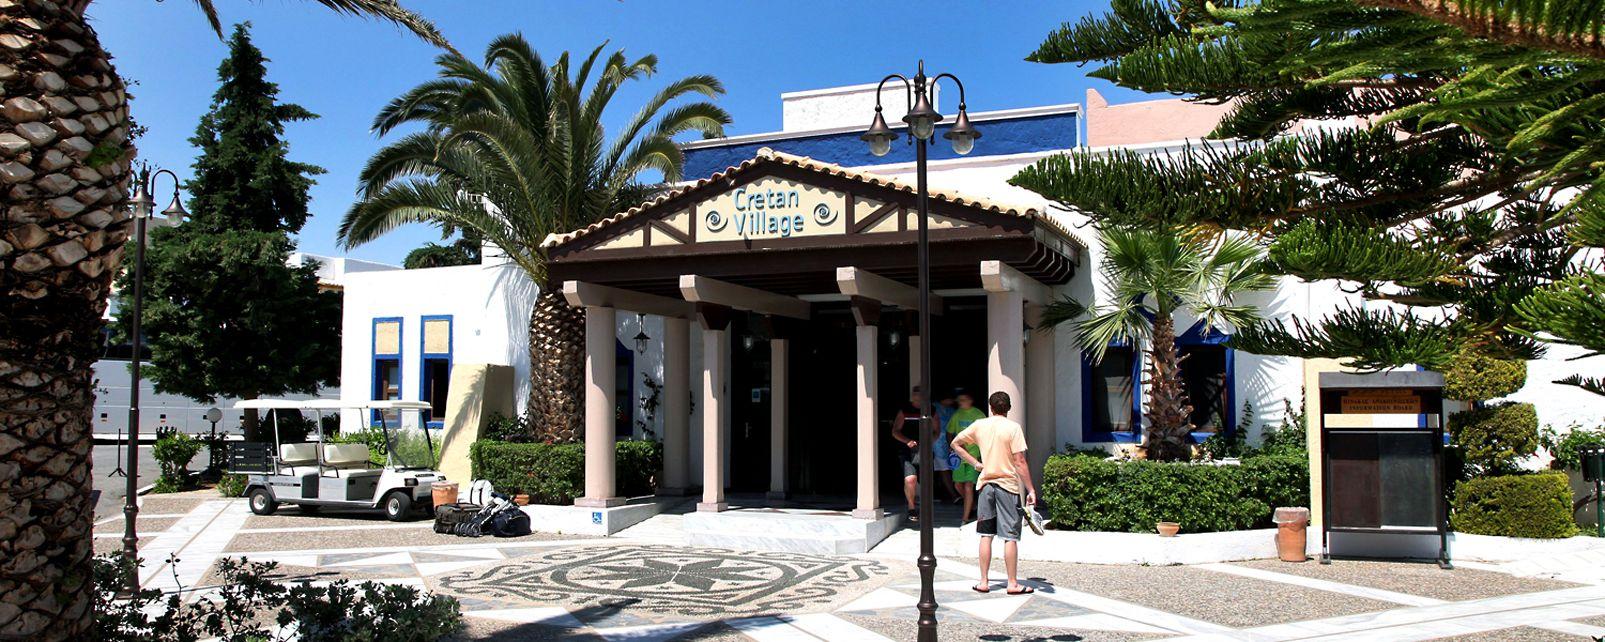 Hôtel Cretan Village